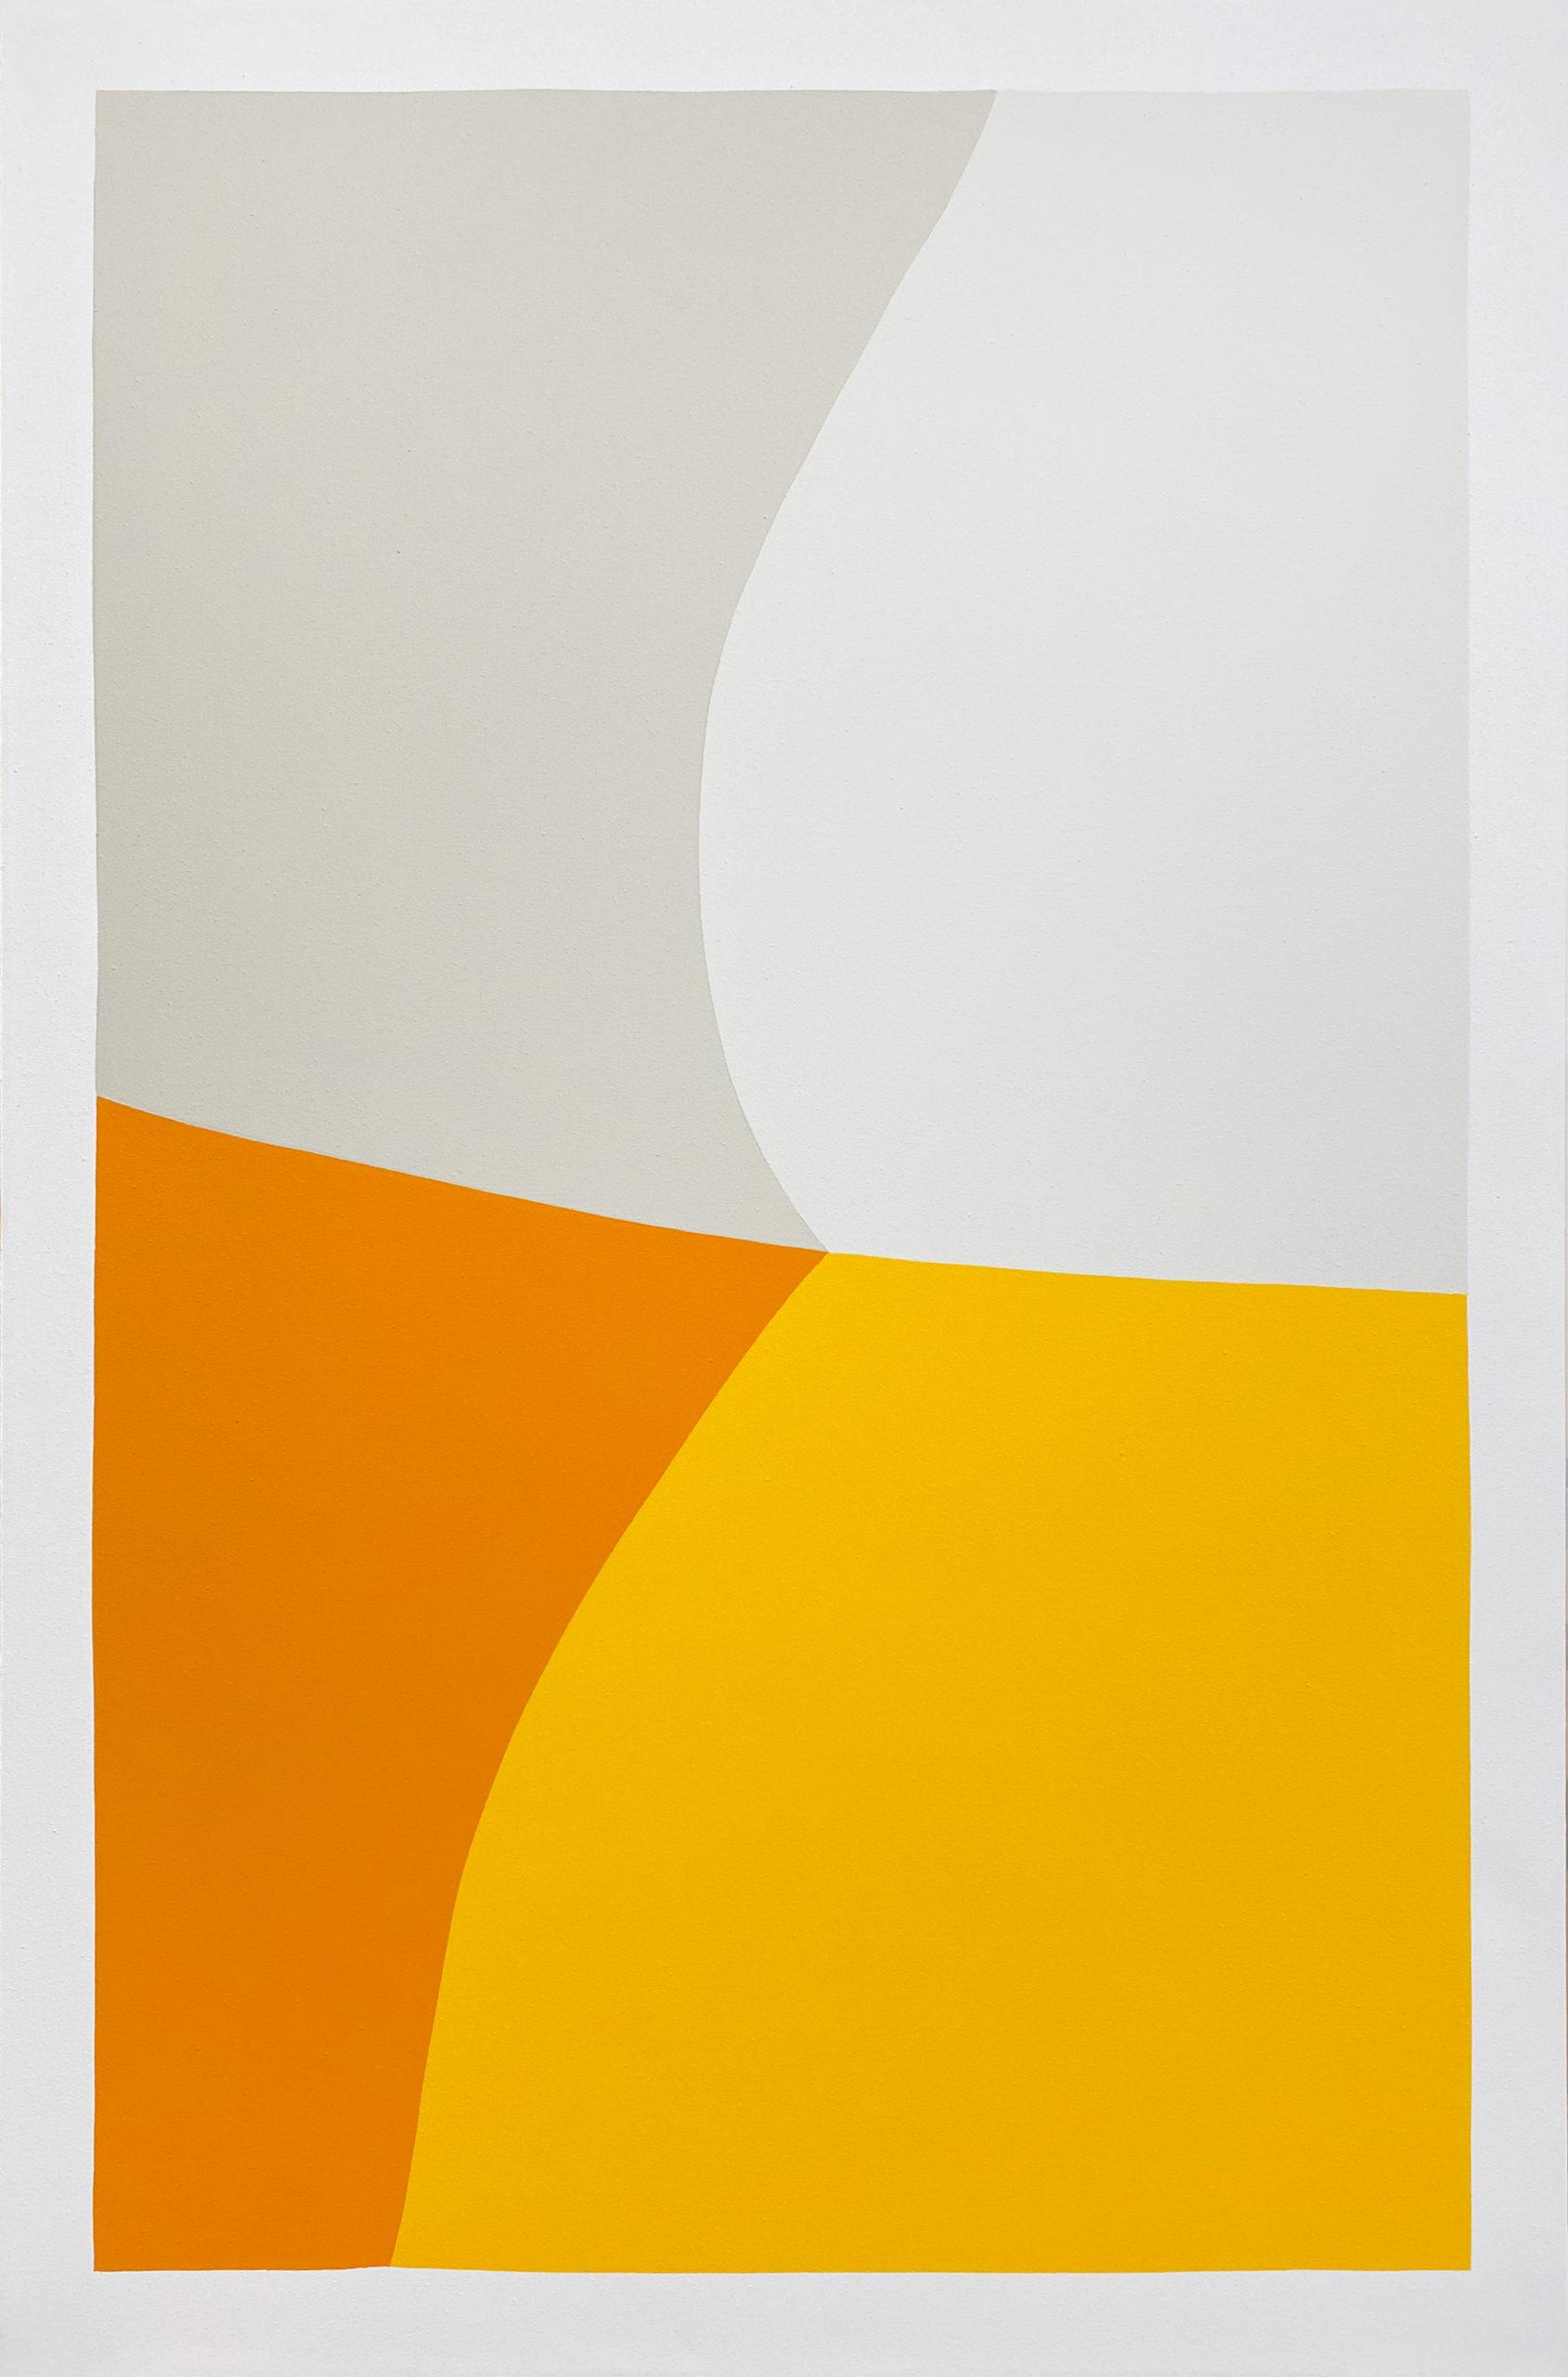 Paul Kremer Fold 1, 2020, acrylic on canvas